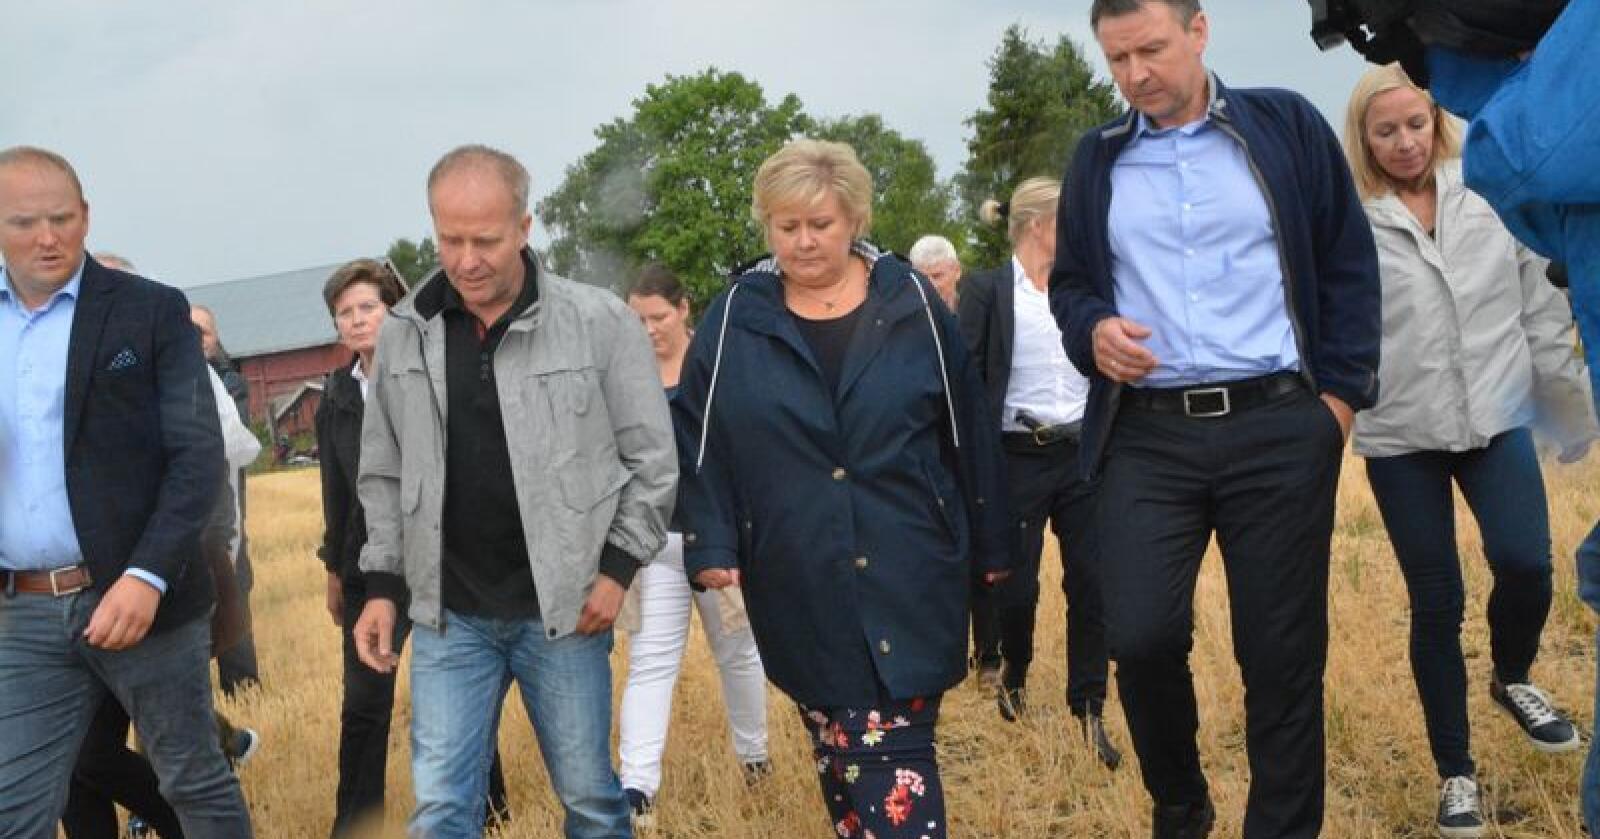 Onsdag møtte statsminister Erna Solberg (H) korn- og melkebonde Lars Egil Lauten på hans gård på Kløfta. Lauten er en av mange kriserammede bønder etter sommerens ekstremtørke og tilhørende fôrkrise. Her er de to flankert av landbruks- og matminister Jon Georg Dale (t.v.) og bondelagsleder Lars Petter Bartnes. Foto: Anders Sandbu